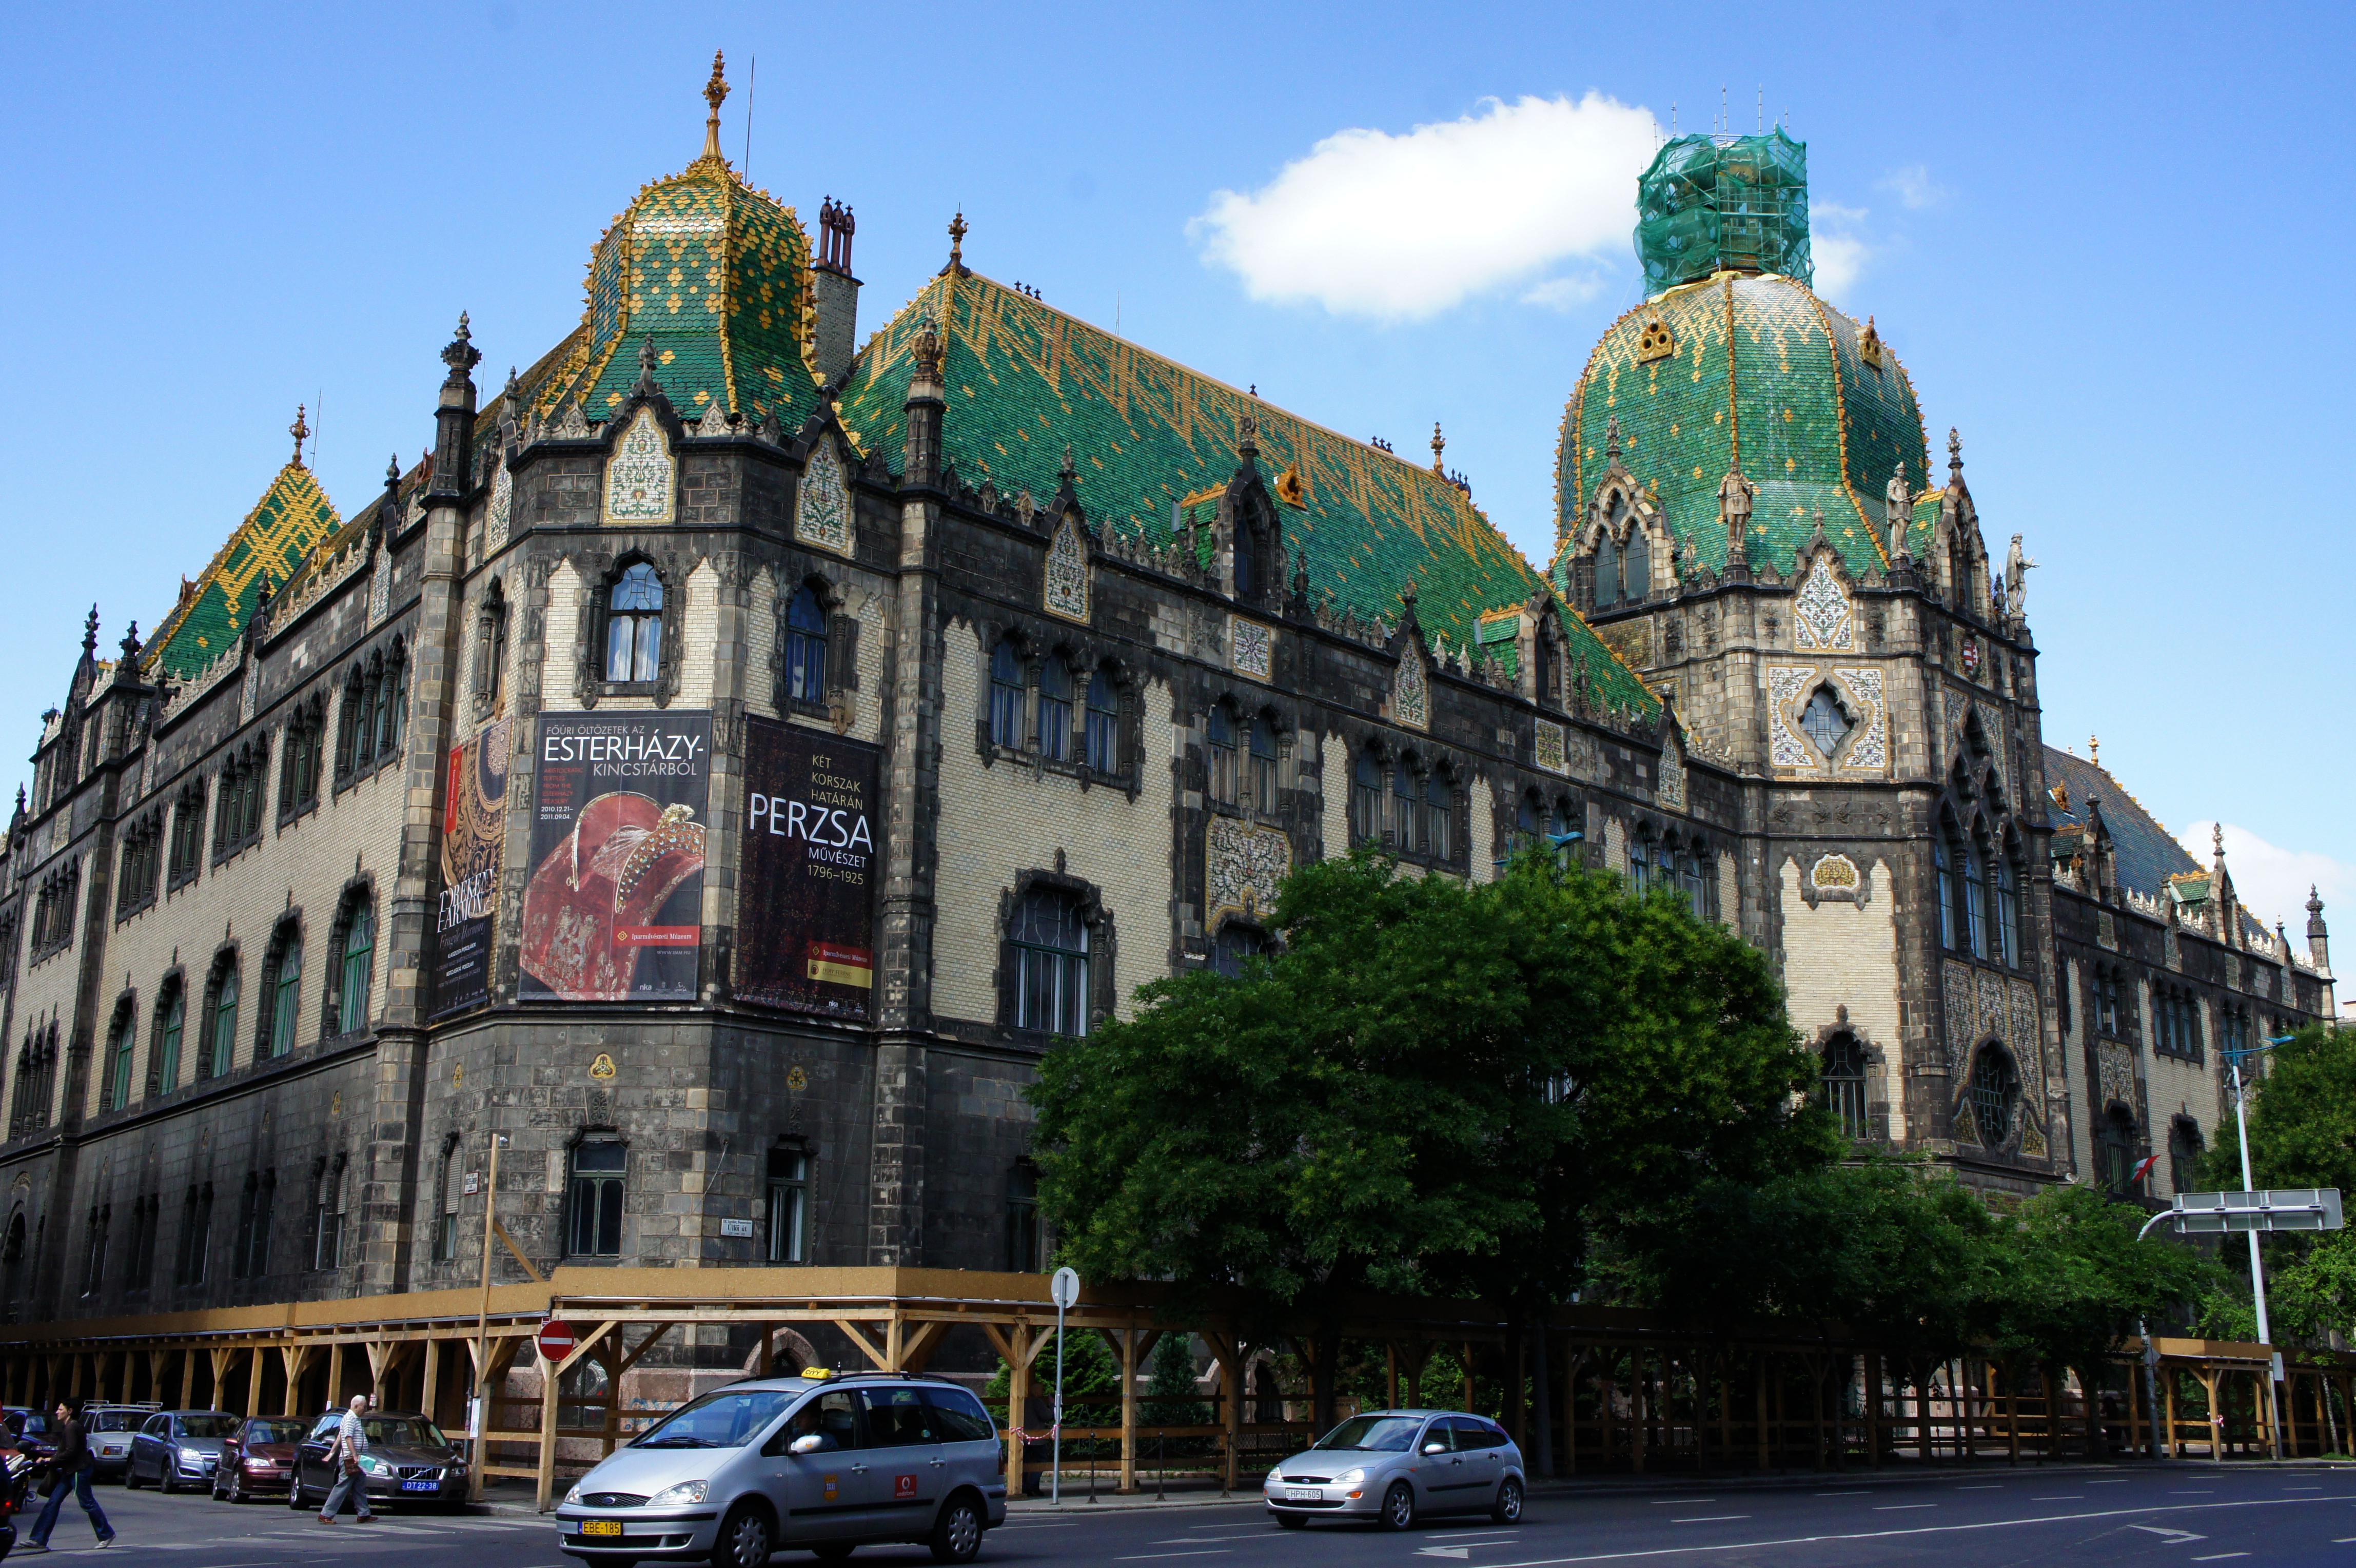 D couvrez les mus es de budapest blog - Le musee des arts decoratifs ...